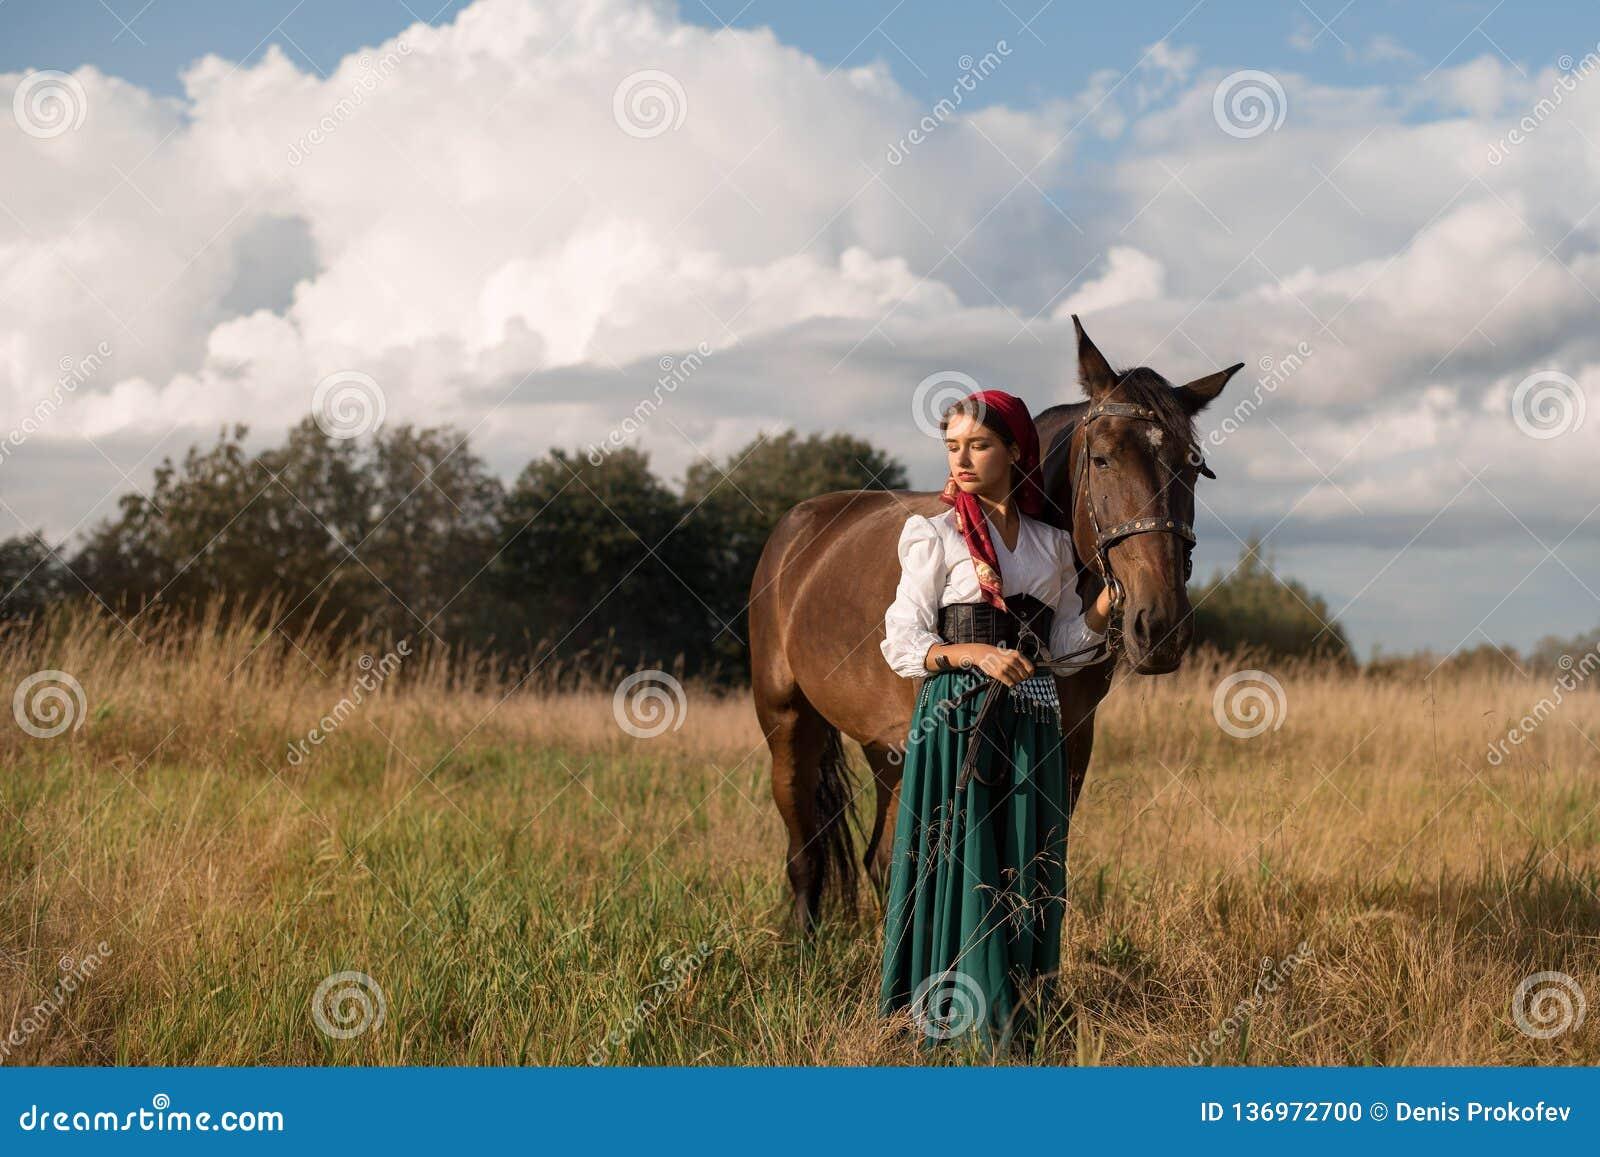 Gitano con un caballo en el campo en verano